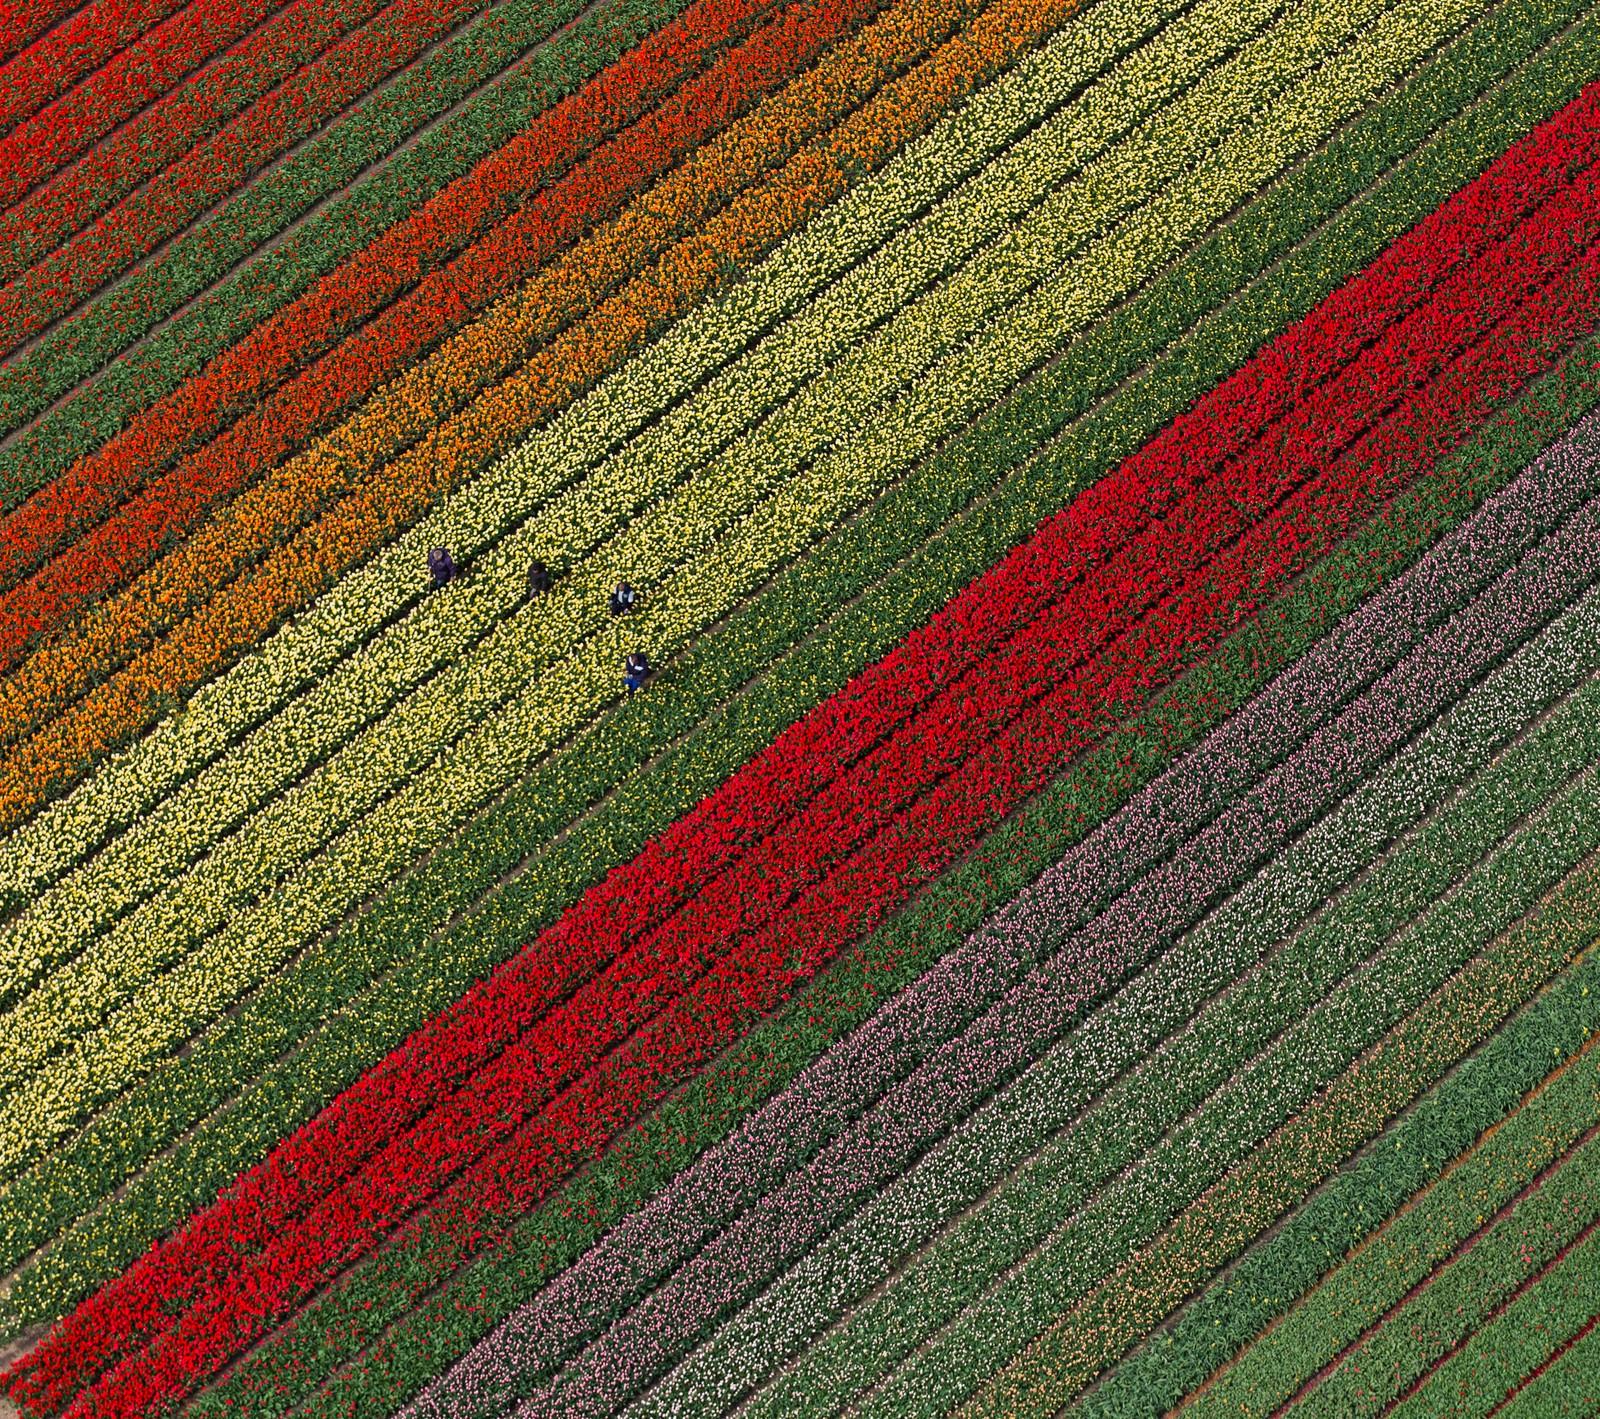 Tulipaner så langt øyet kan se i Lisse, rundt to mil utenfor Amsterdam. Over sju millioner blomster gror her.